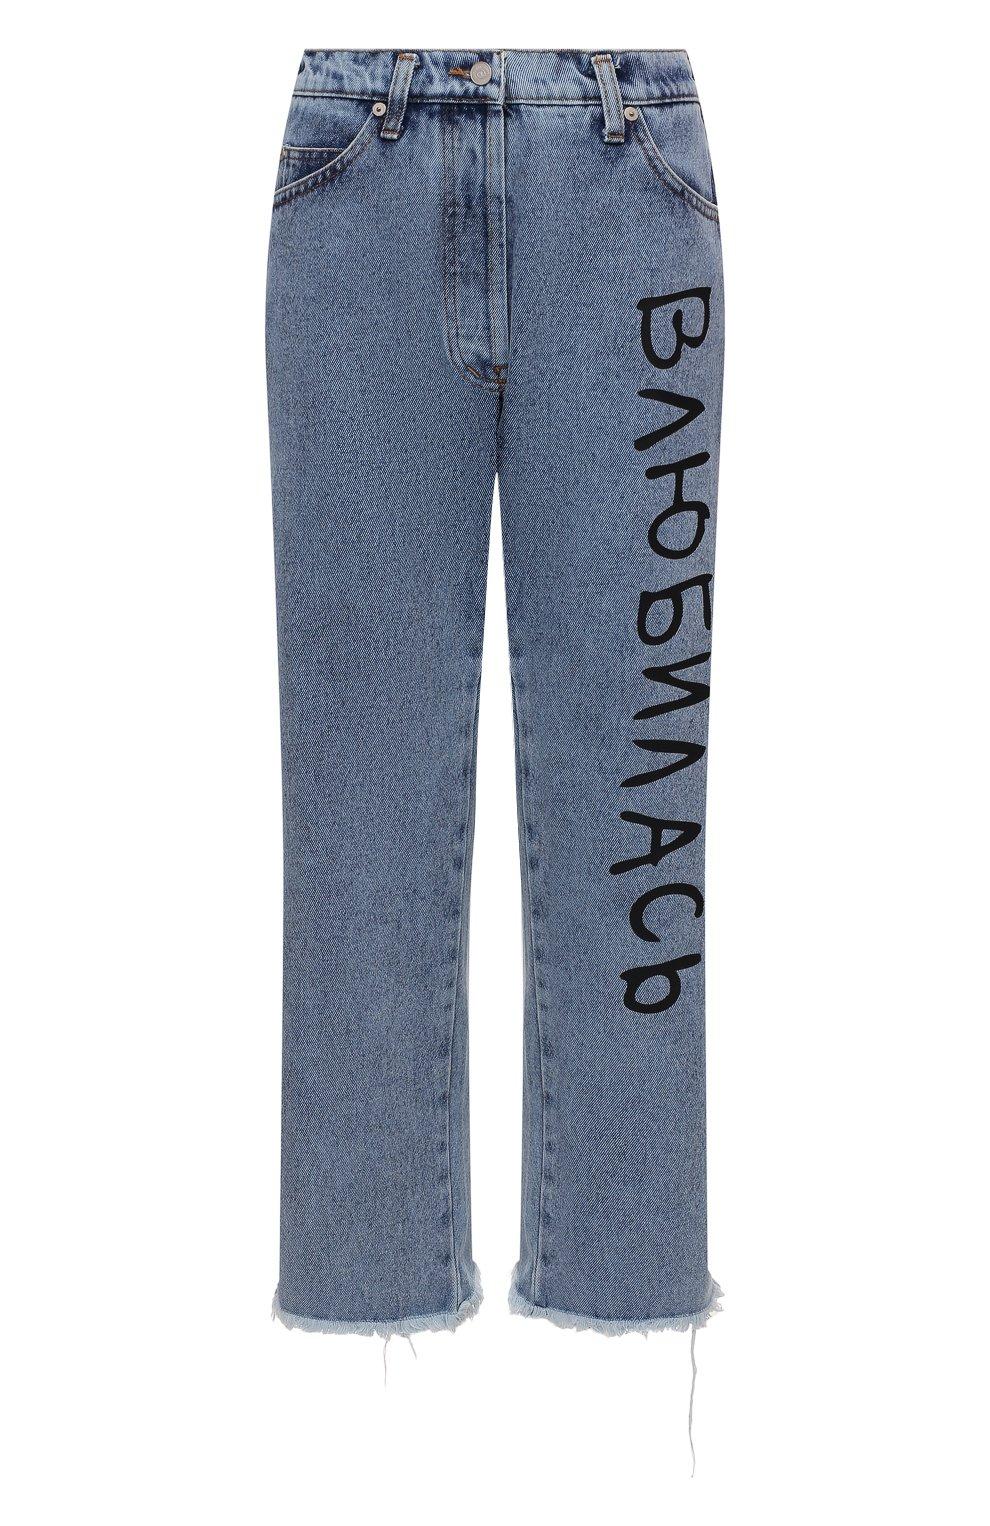 Картинки джинсов с надписями, своими руками